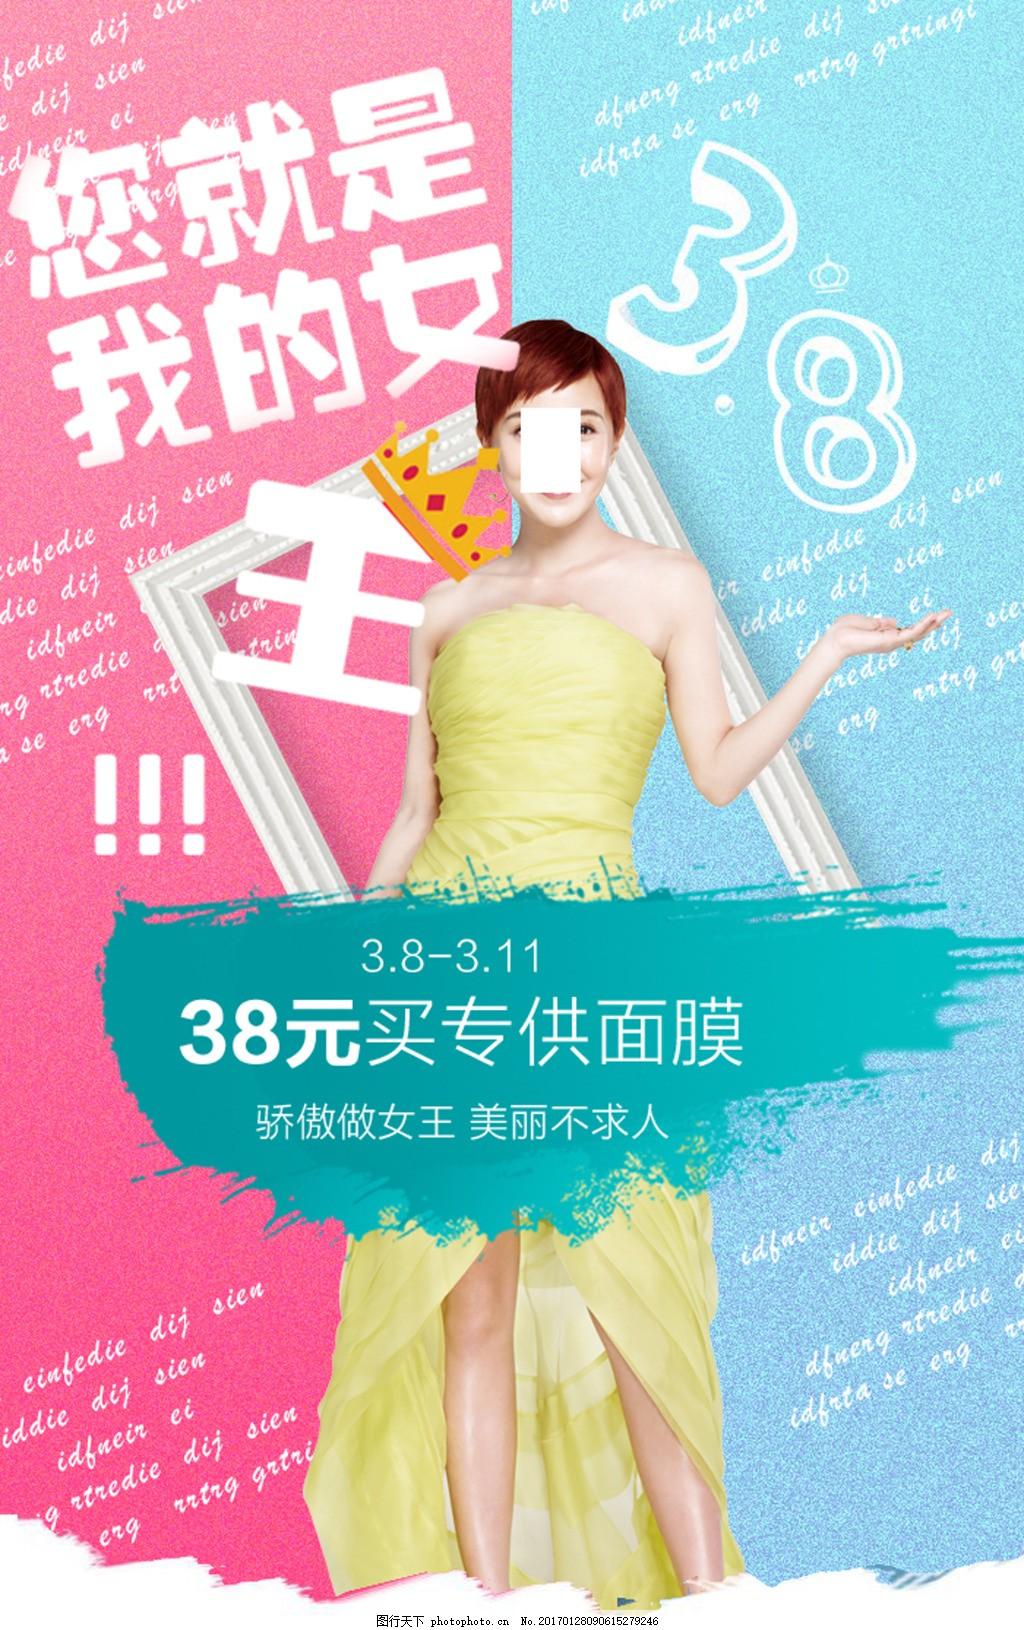 品38节促销活动海报 女王节 女神 38 女生 化妆品海报 直通 钻展 面膜图片